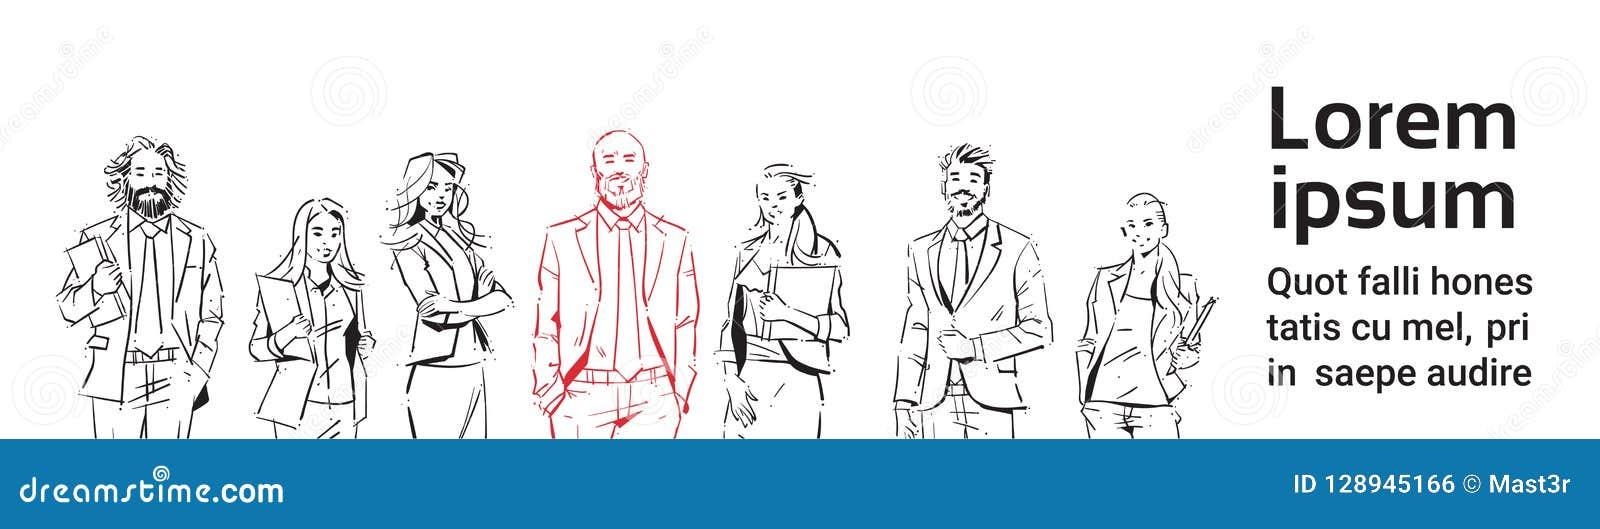 Skizzenwirtschaftler team Aufenthalt auf weißem Hintergrund, Führer vor Team von erfolgreichen Führungskräften, Porträtgruppe von